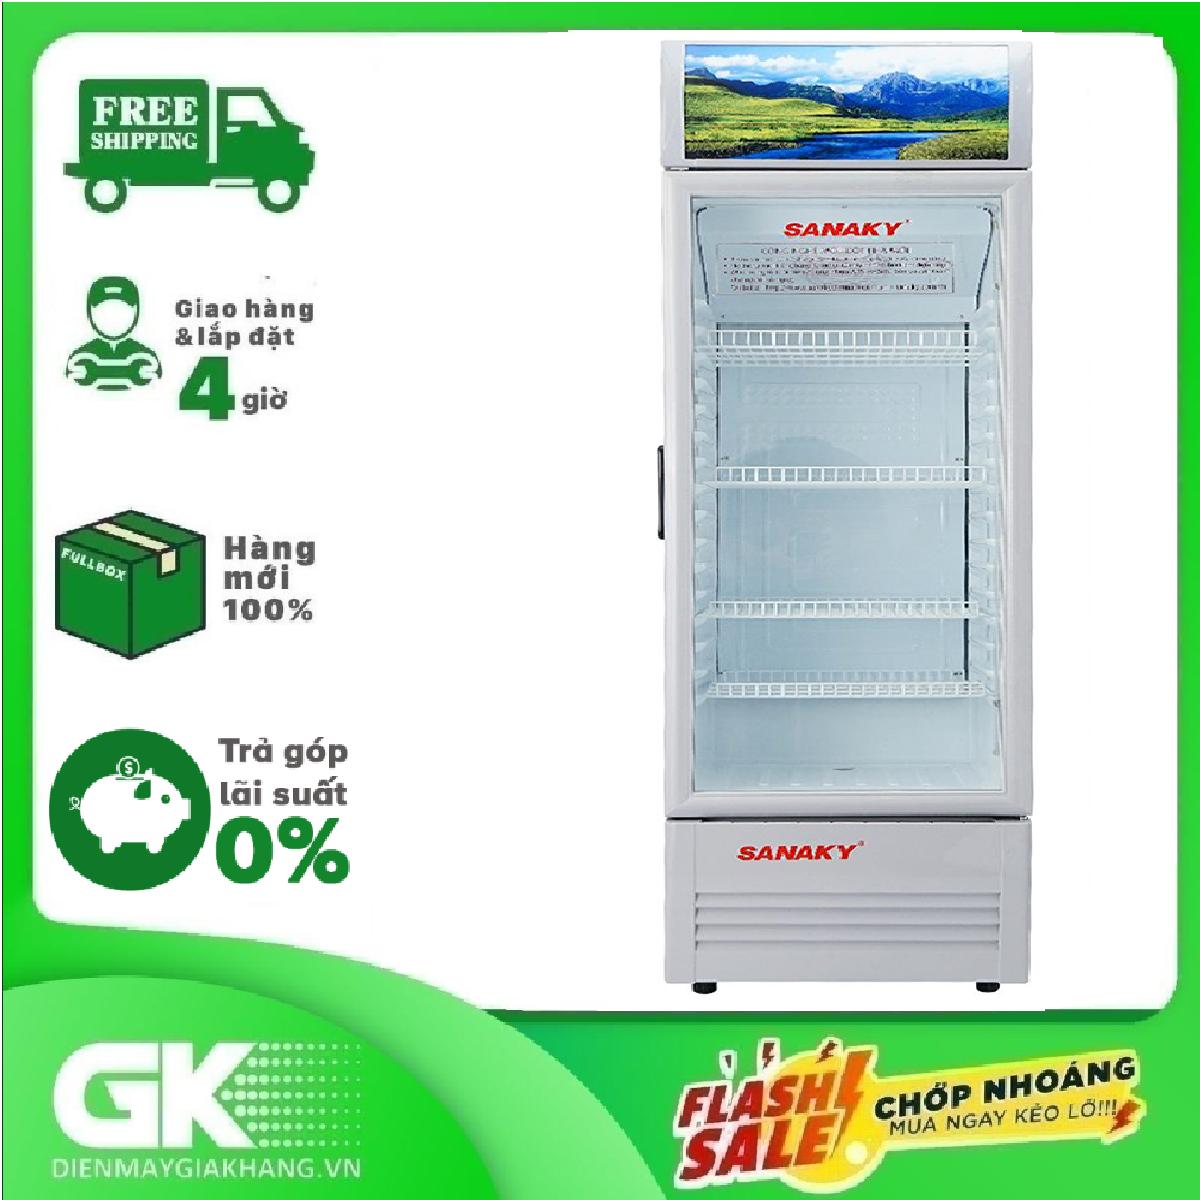 TRẢ GÓP 0% – TTRẢ GÓP 0% – Tủ mát Sanaky 340 lít VH-408KL, cửa tủ có chất liệu công nghệ kính Low-E, xuất xứ tại Việt Nam, bảo hành 24 tháng- Bảo hành 2 năm